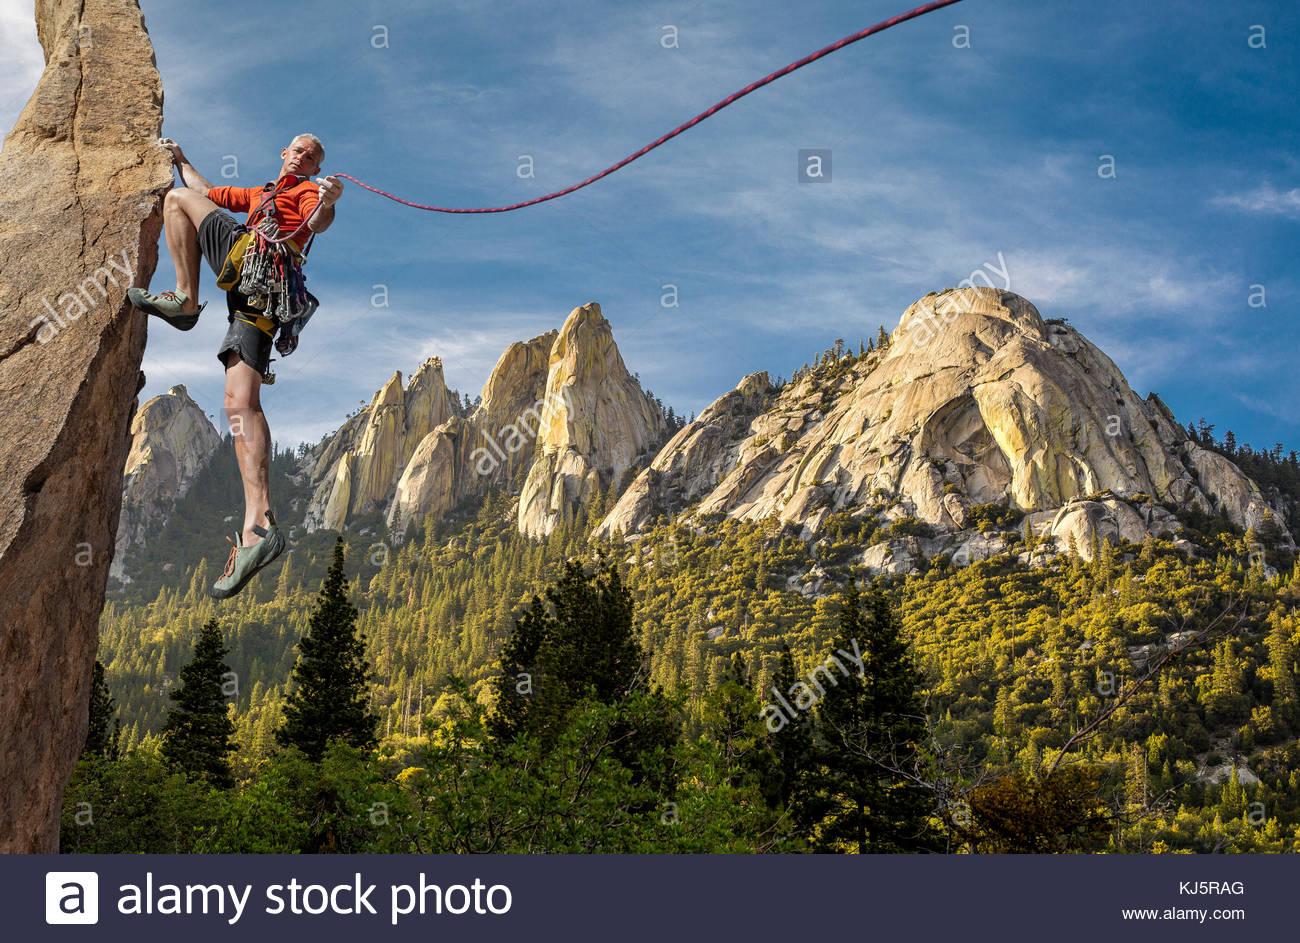 Scalatore tenendo una corda. bellissimo paesaggio di montagna Immagini Stock